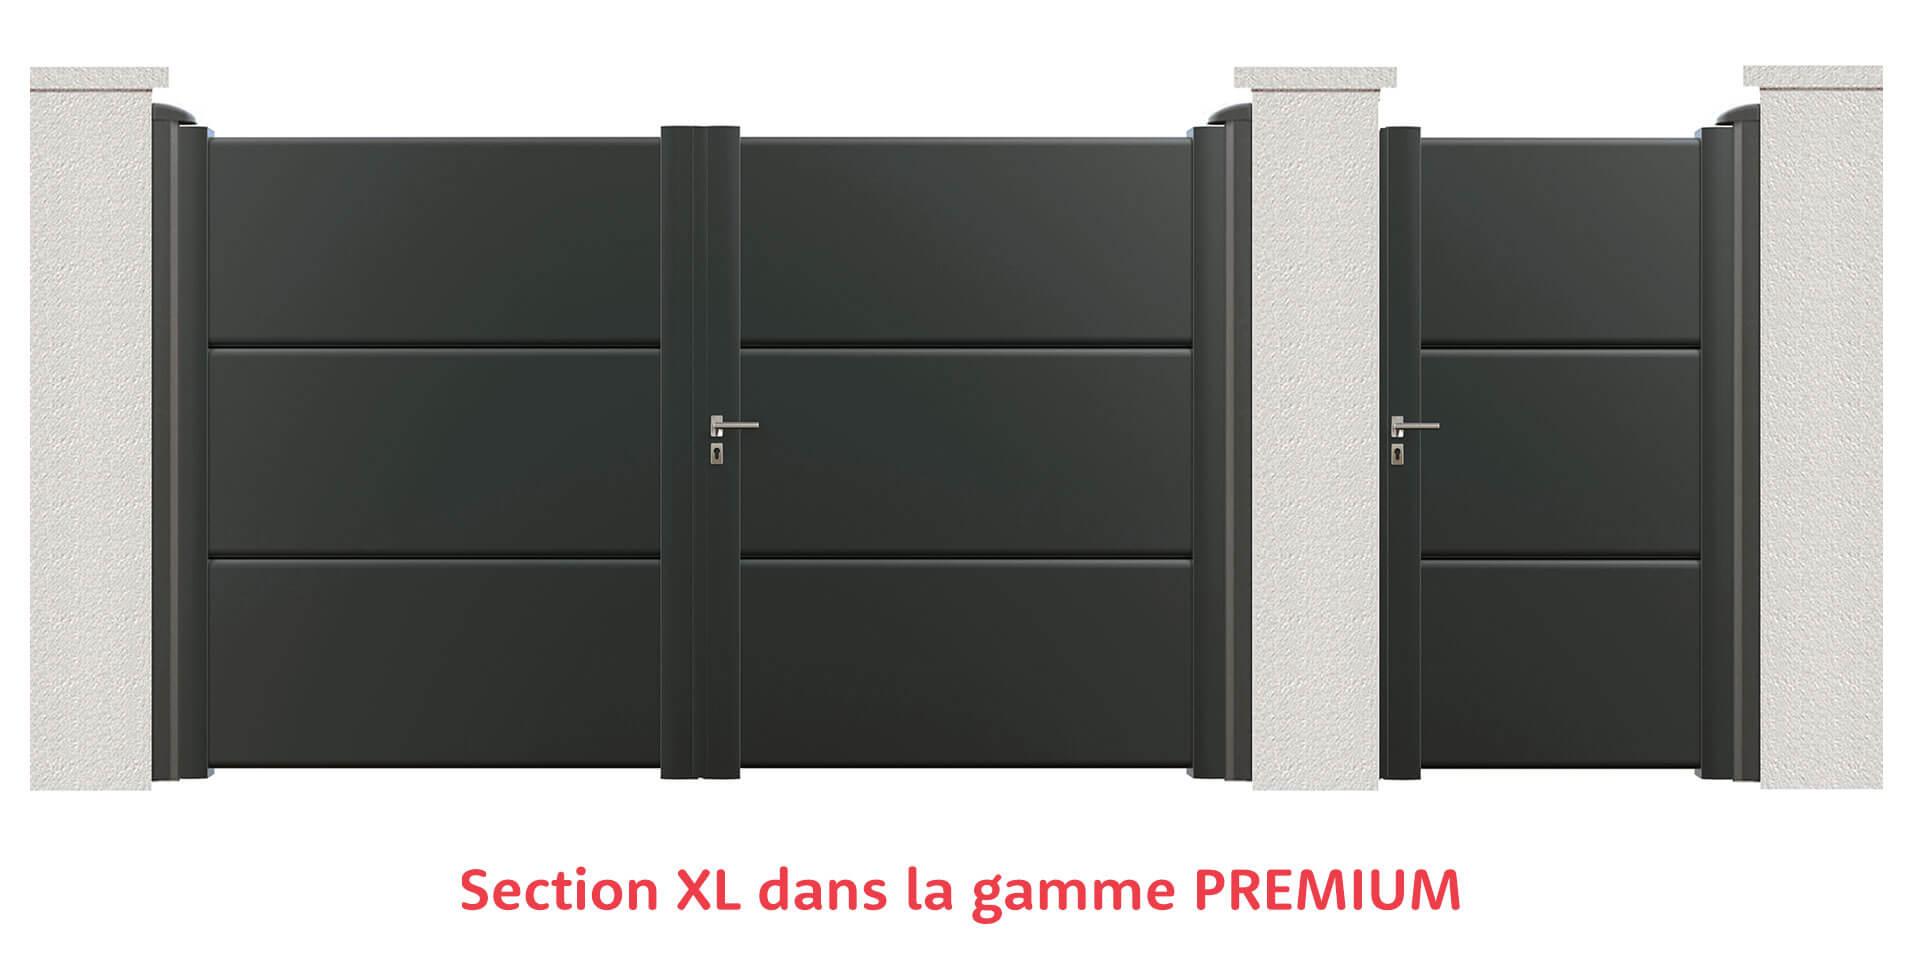 Section XL dans la gamme Premium - Cofreco